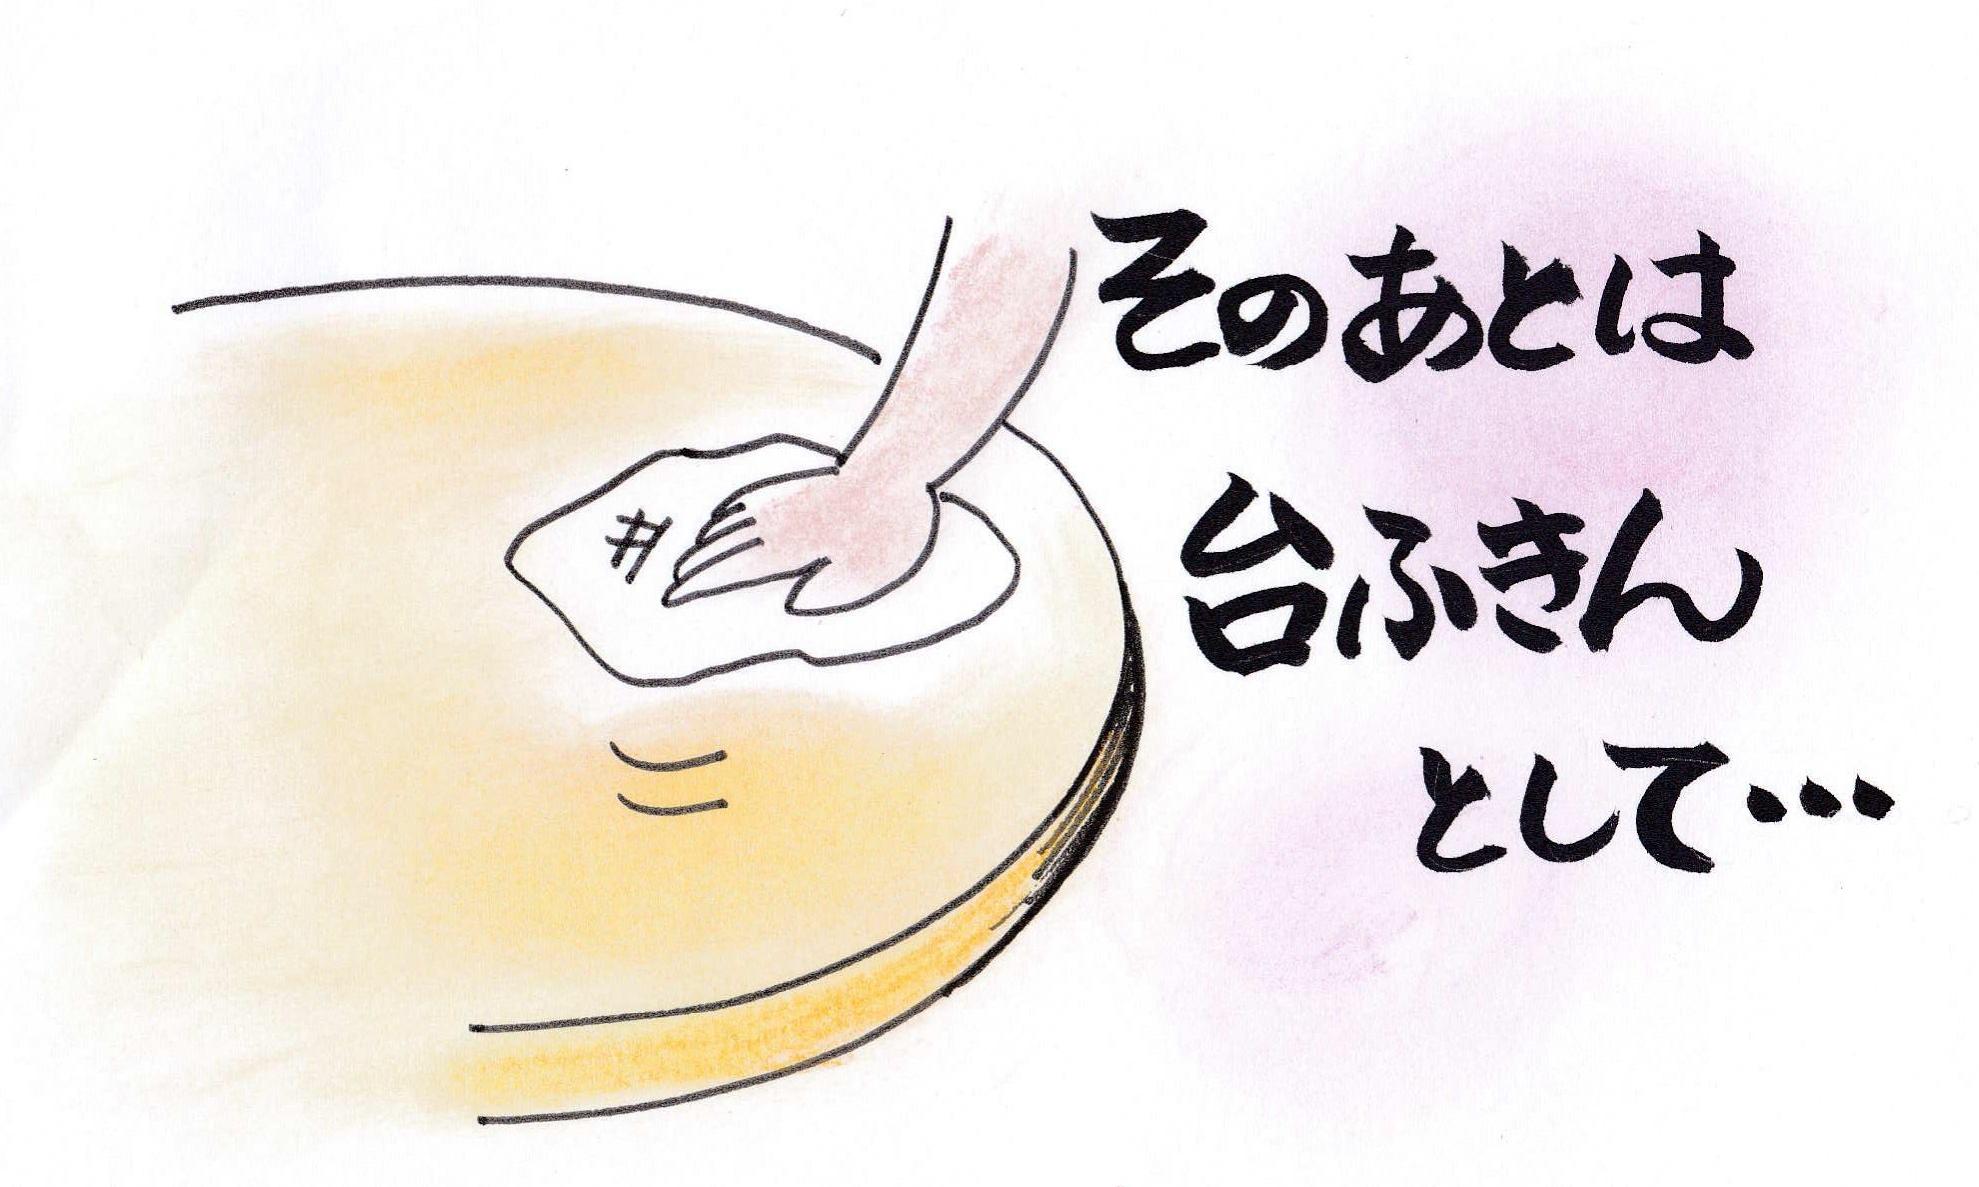 お肌洗いを引退後は 台ふきんや食器洗いなどで第二の人生活躍しますよ!